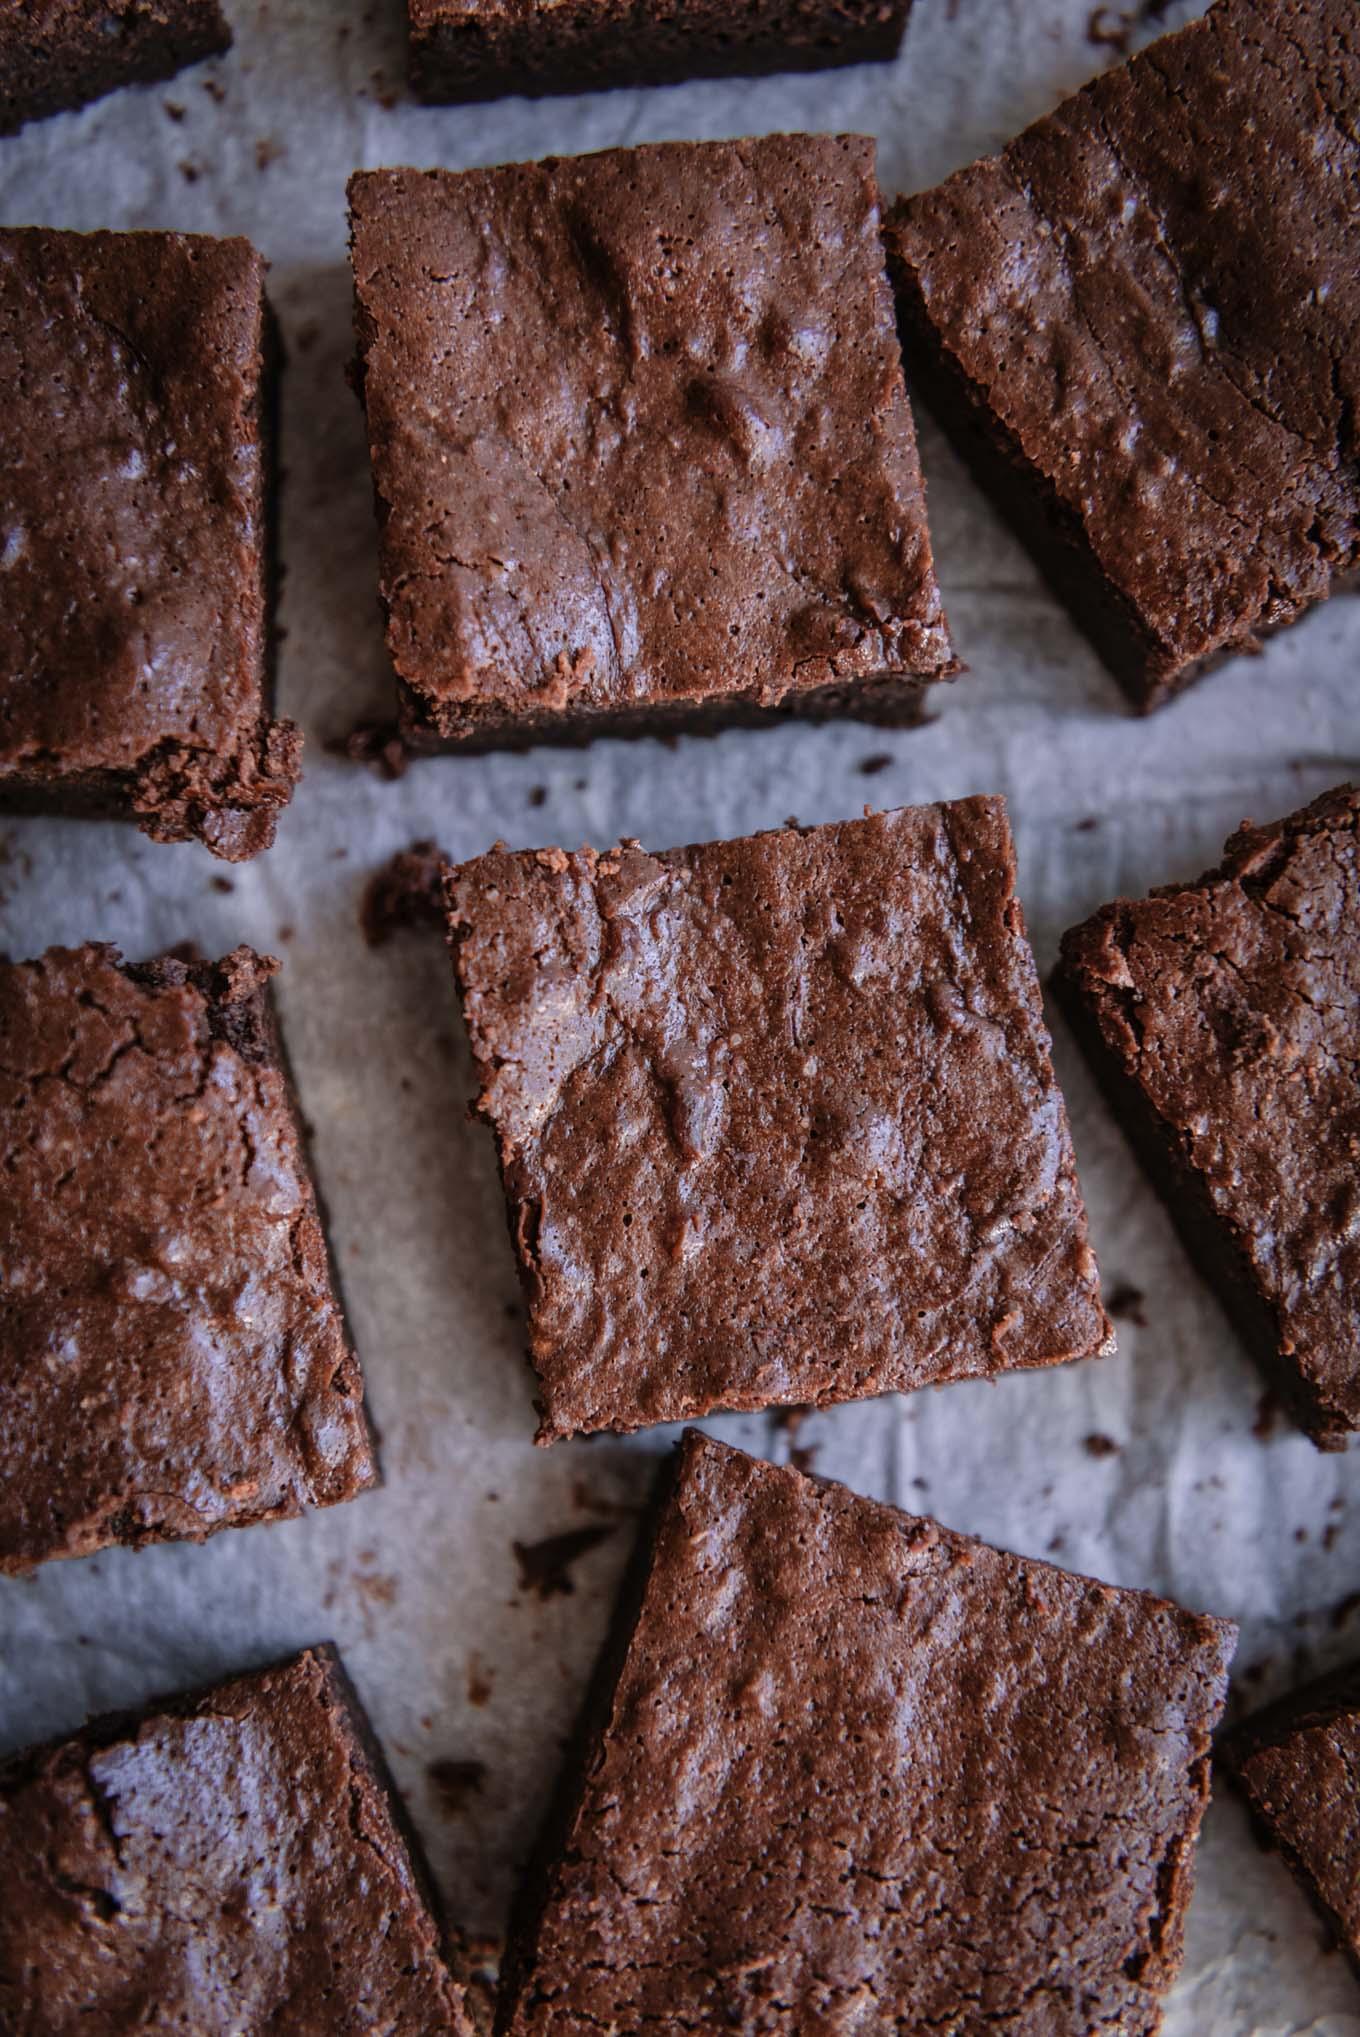 Receta fácil del brownie perfecto